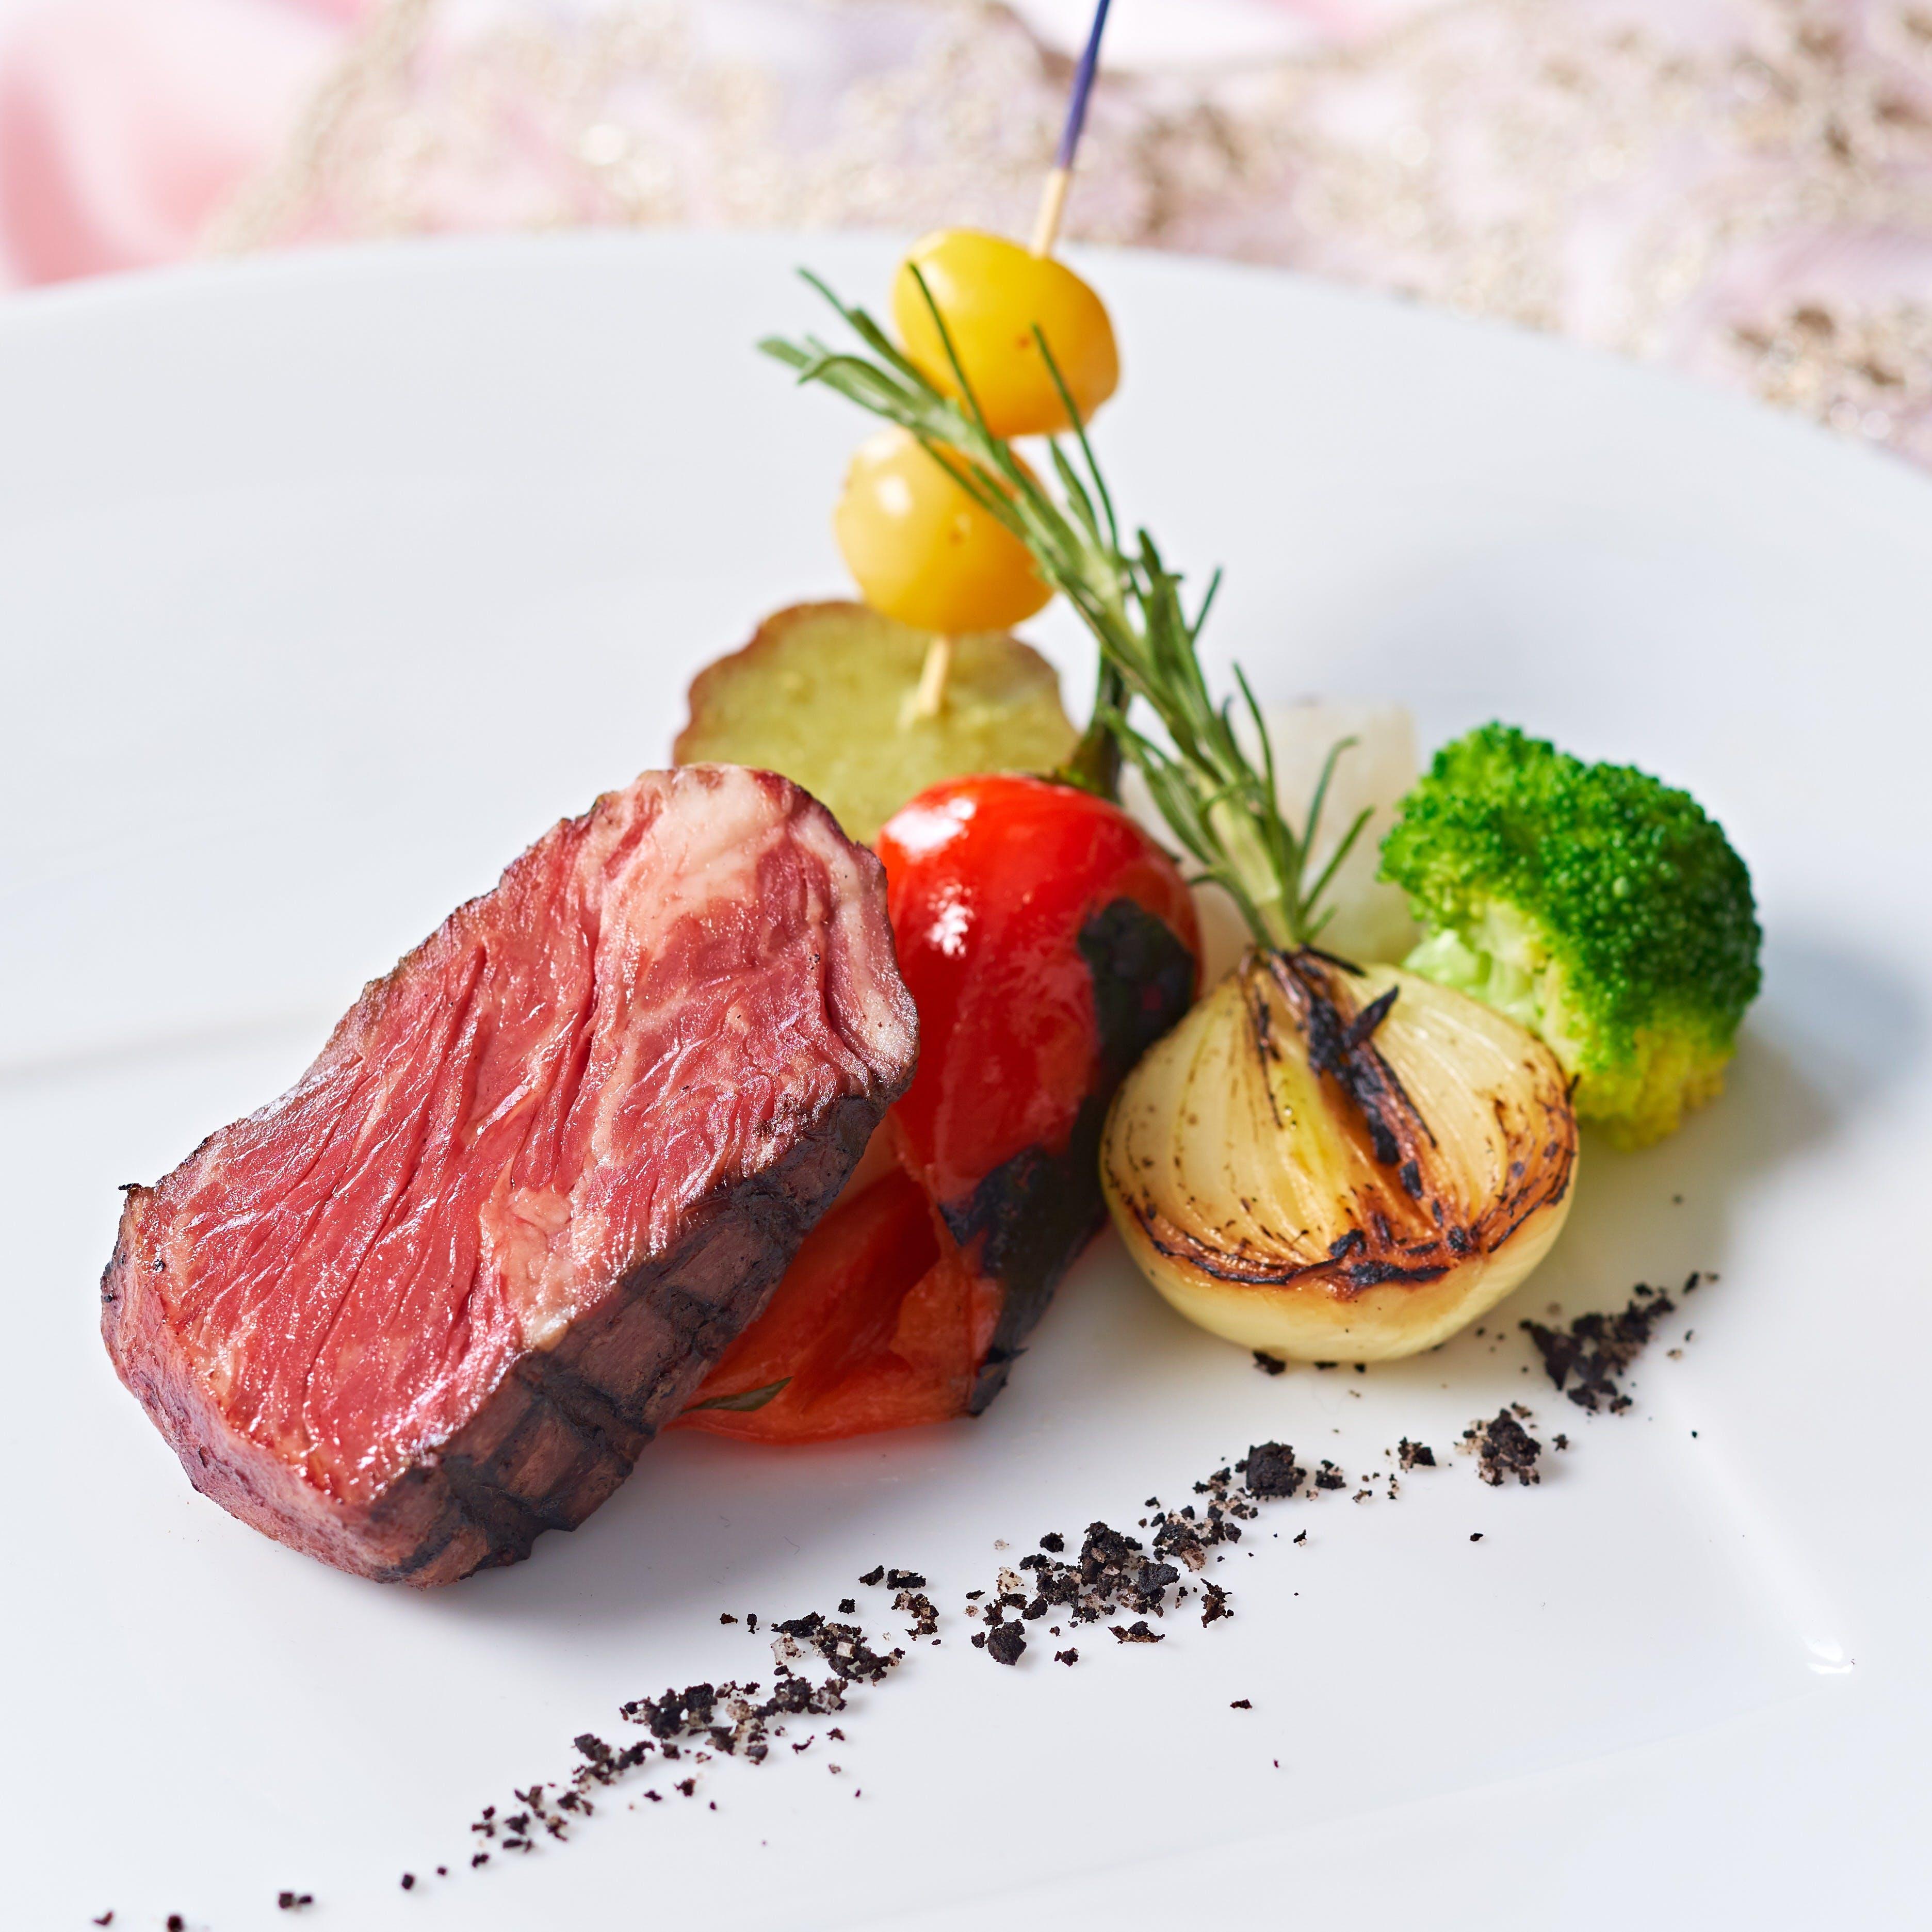 横浜野菜や横浜ブランドミートをグリルスタイルで、美容にも嬉しいひと皿に